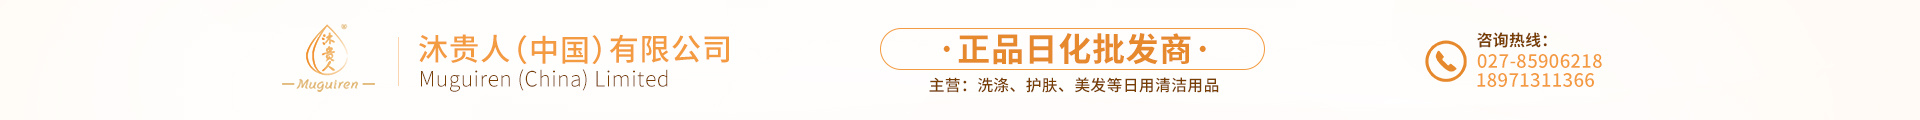 武汉沐发商贸有限公司